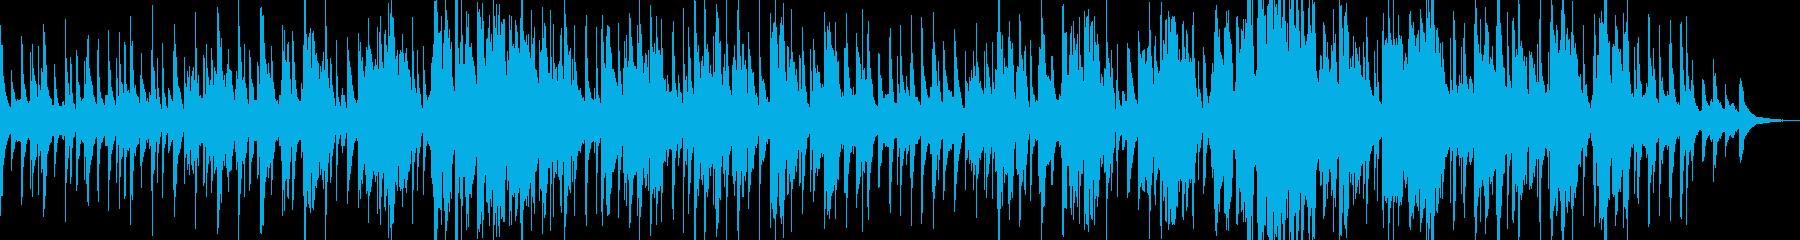 Controlの再生済みの波形